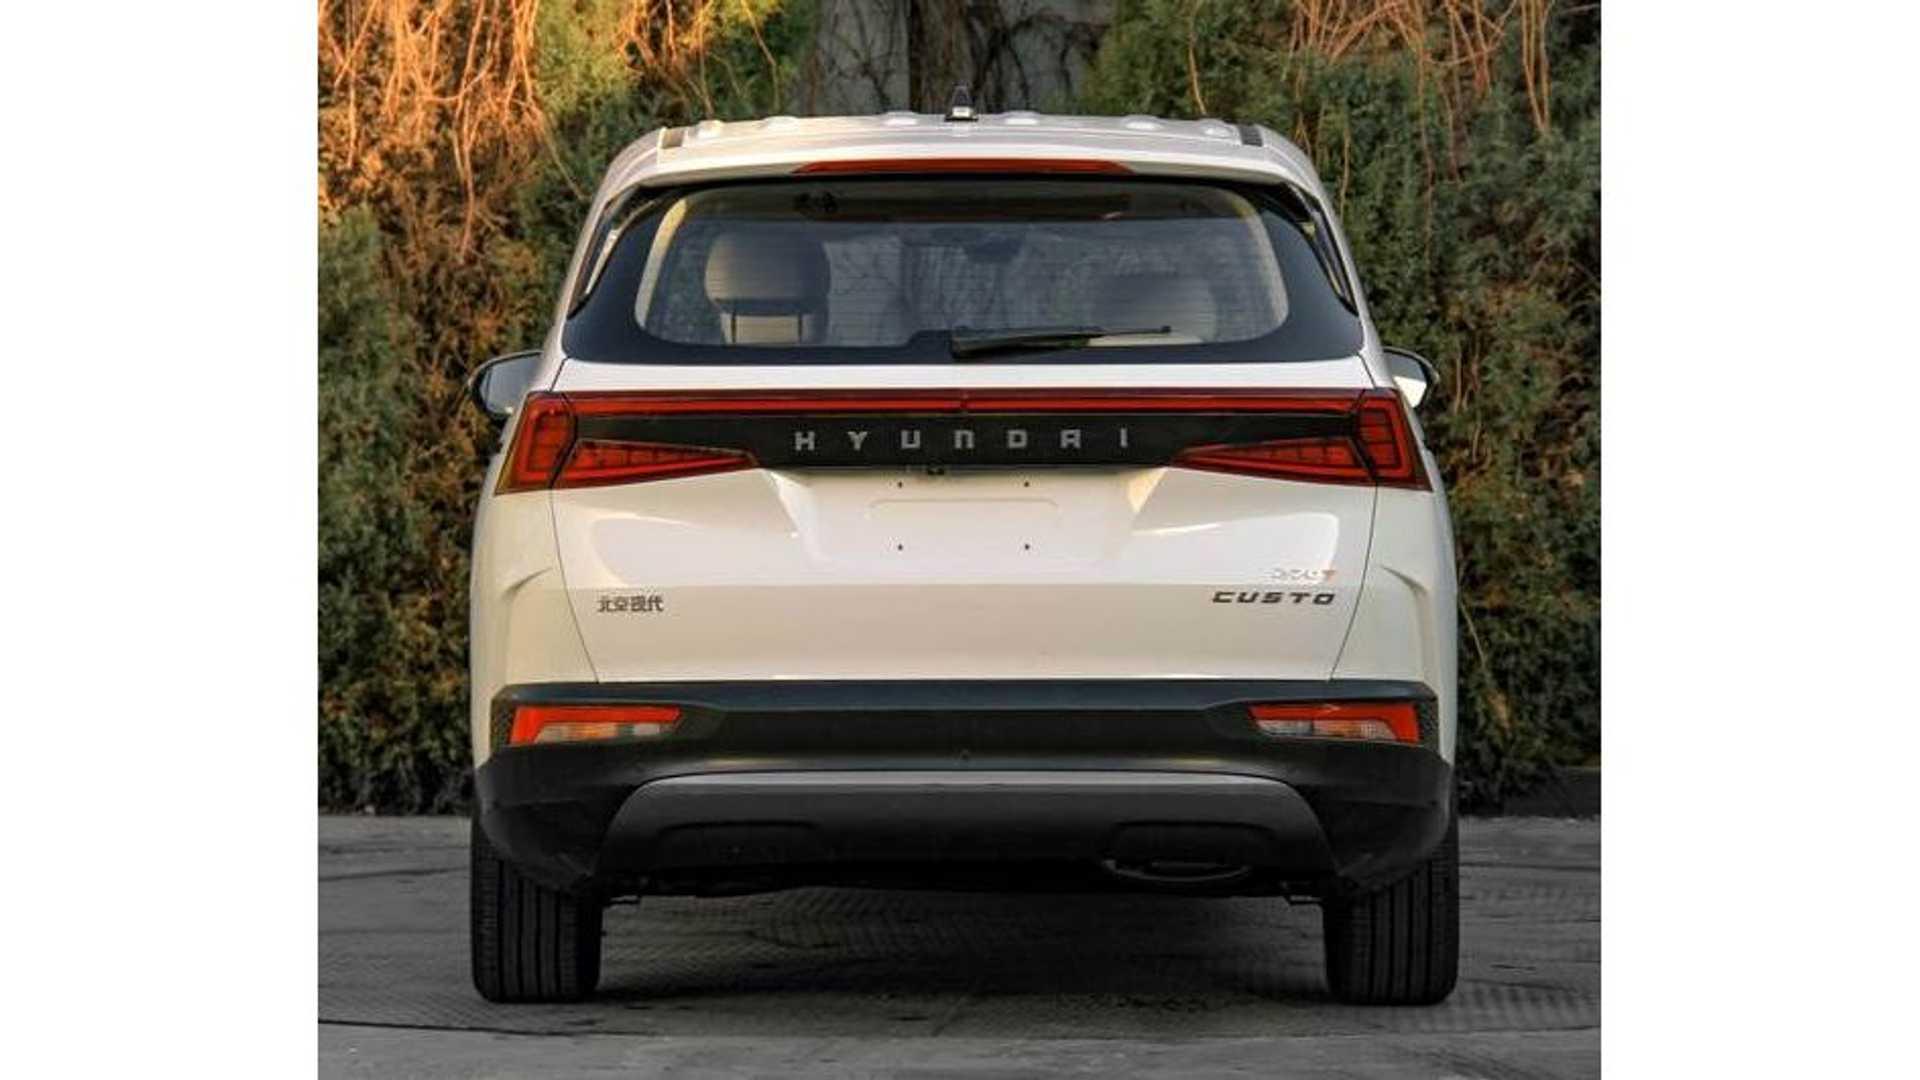 Hyundai Custo - 'Tucson 7 chỗ' chính thức lộ diện, đấu Kia Carnival - Ảnh 4.